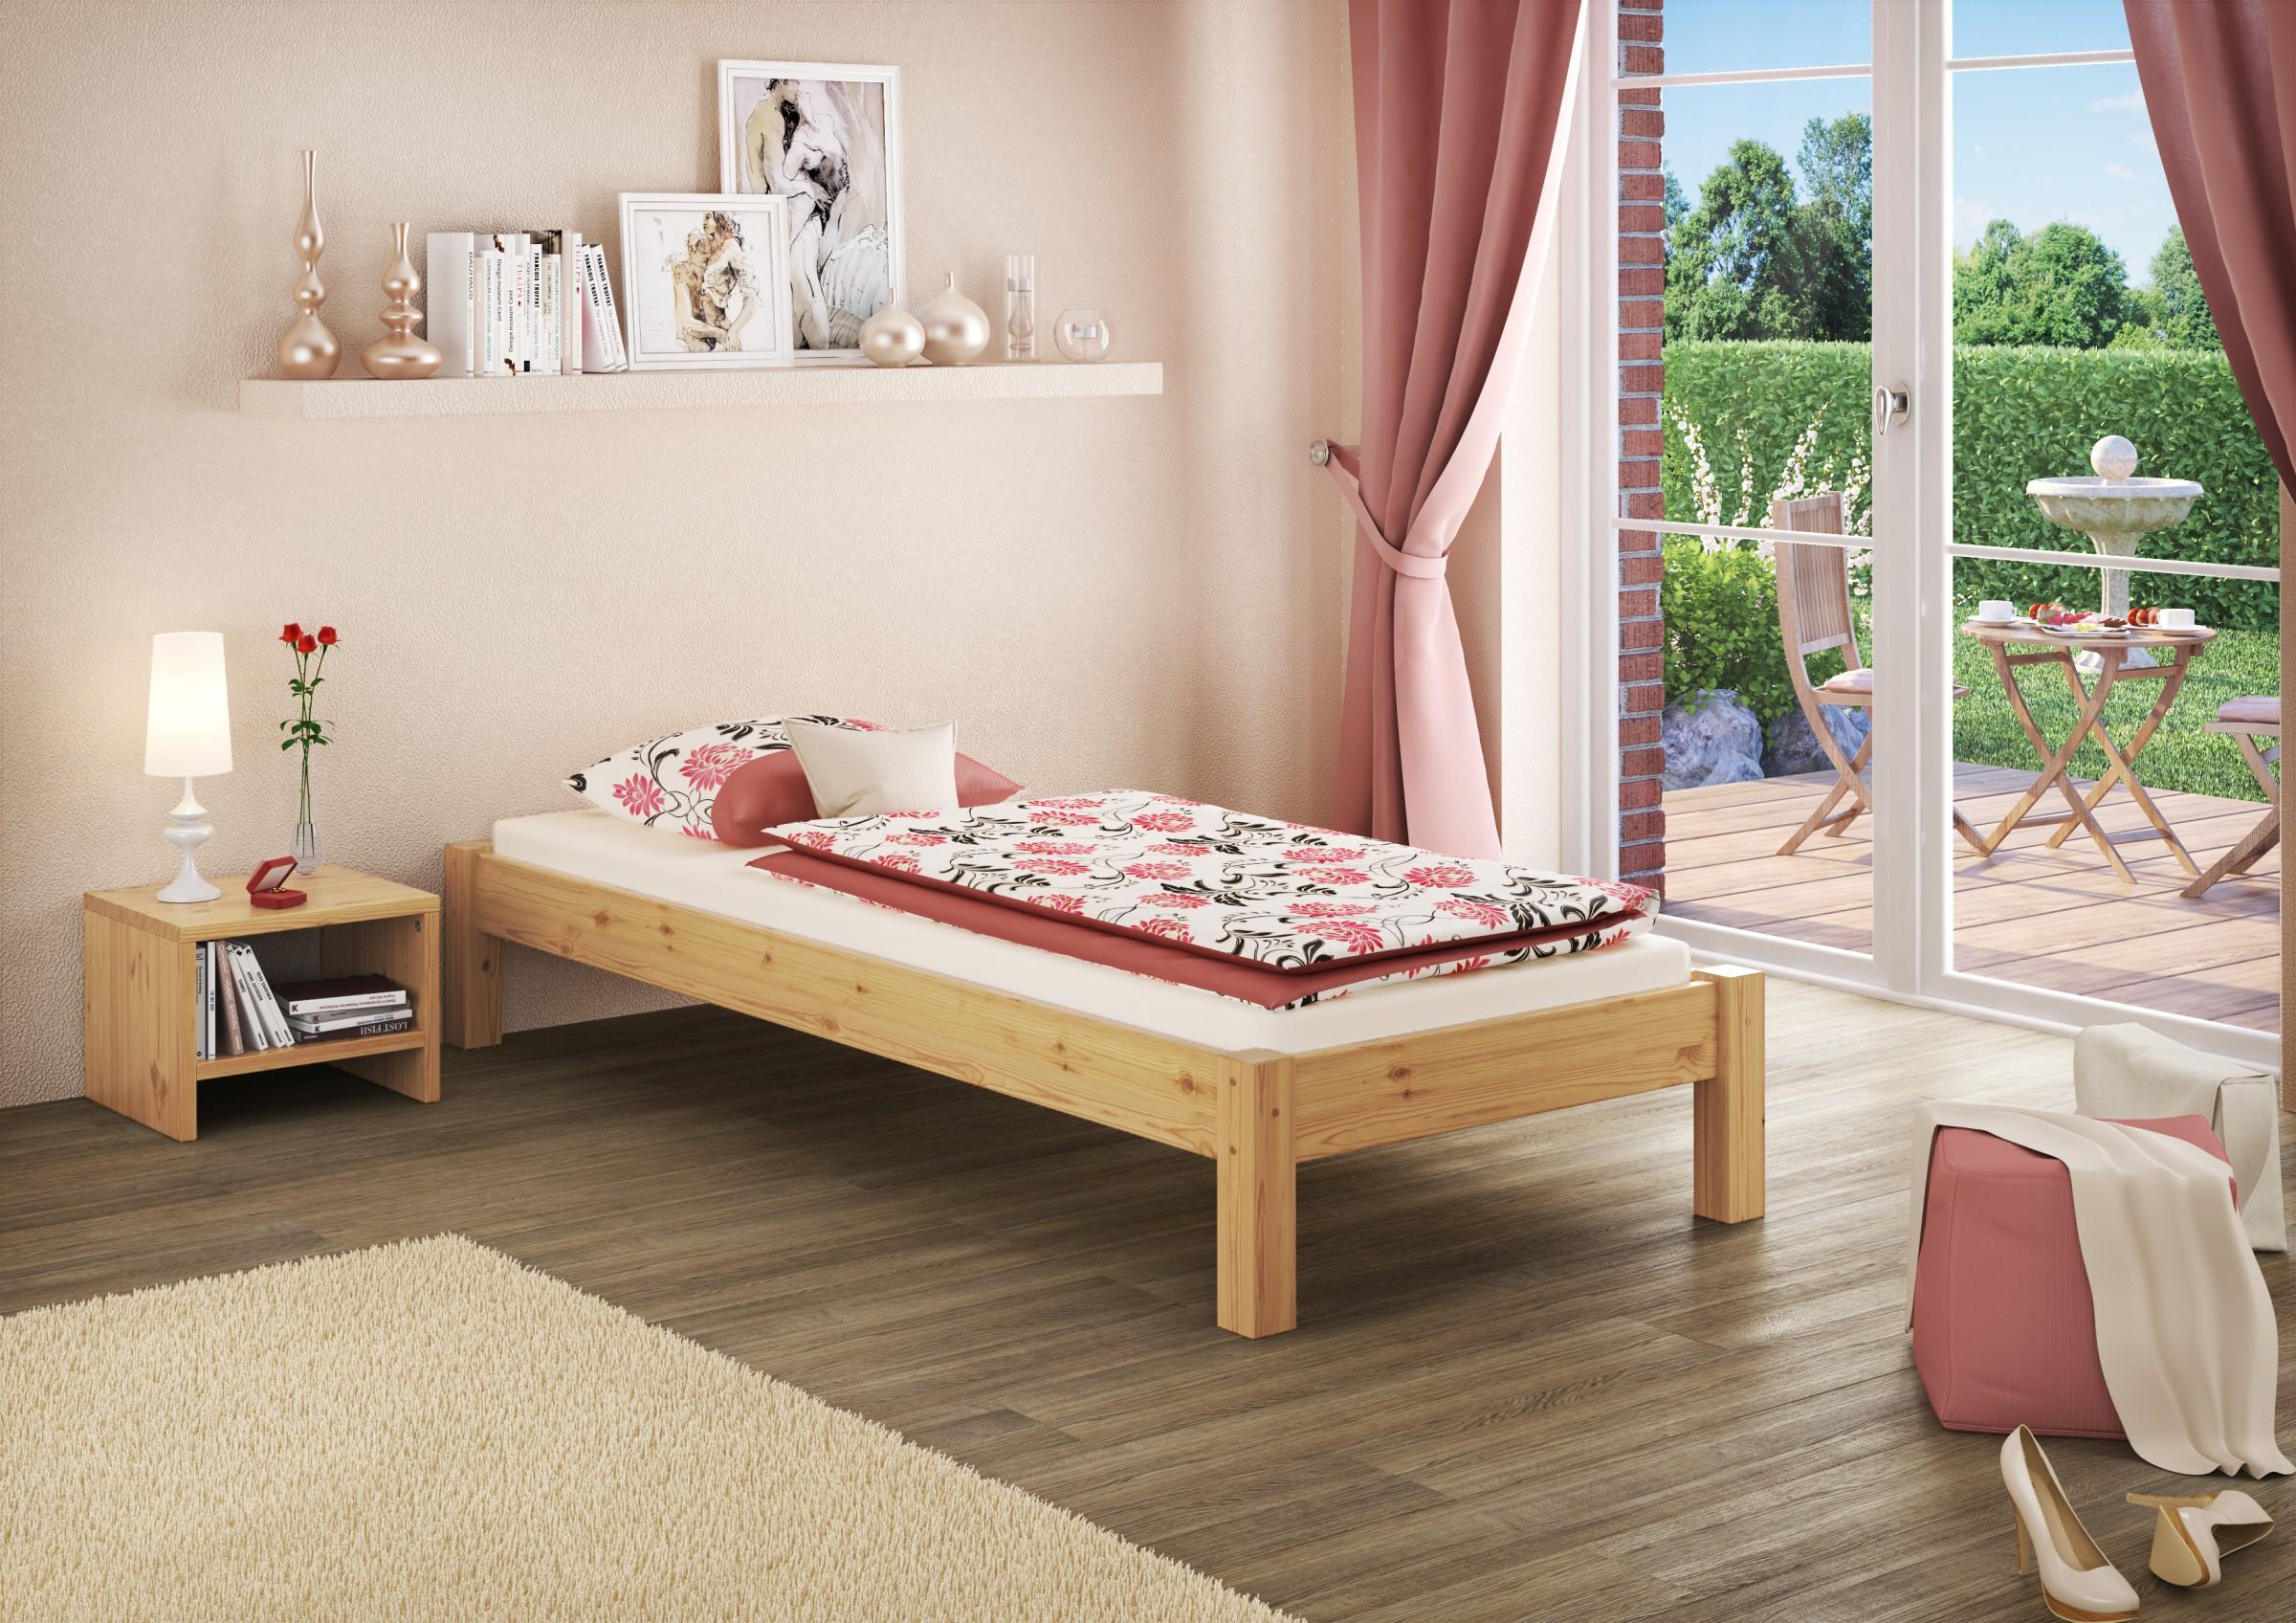 letto singolo legno massello letto a futon letto per gli ospiti 100x200 senza ebay. Black Bedroom Furniture Sets. Home Design Ideas